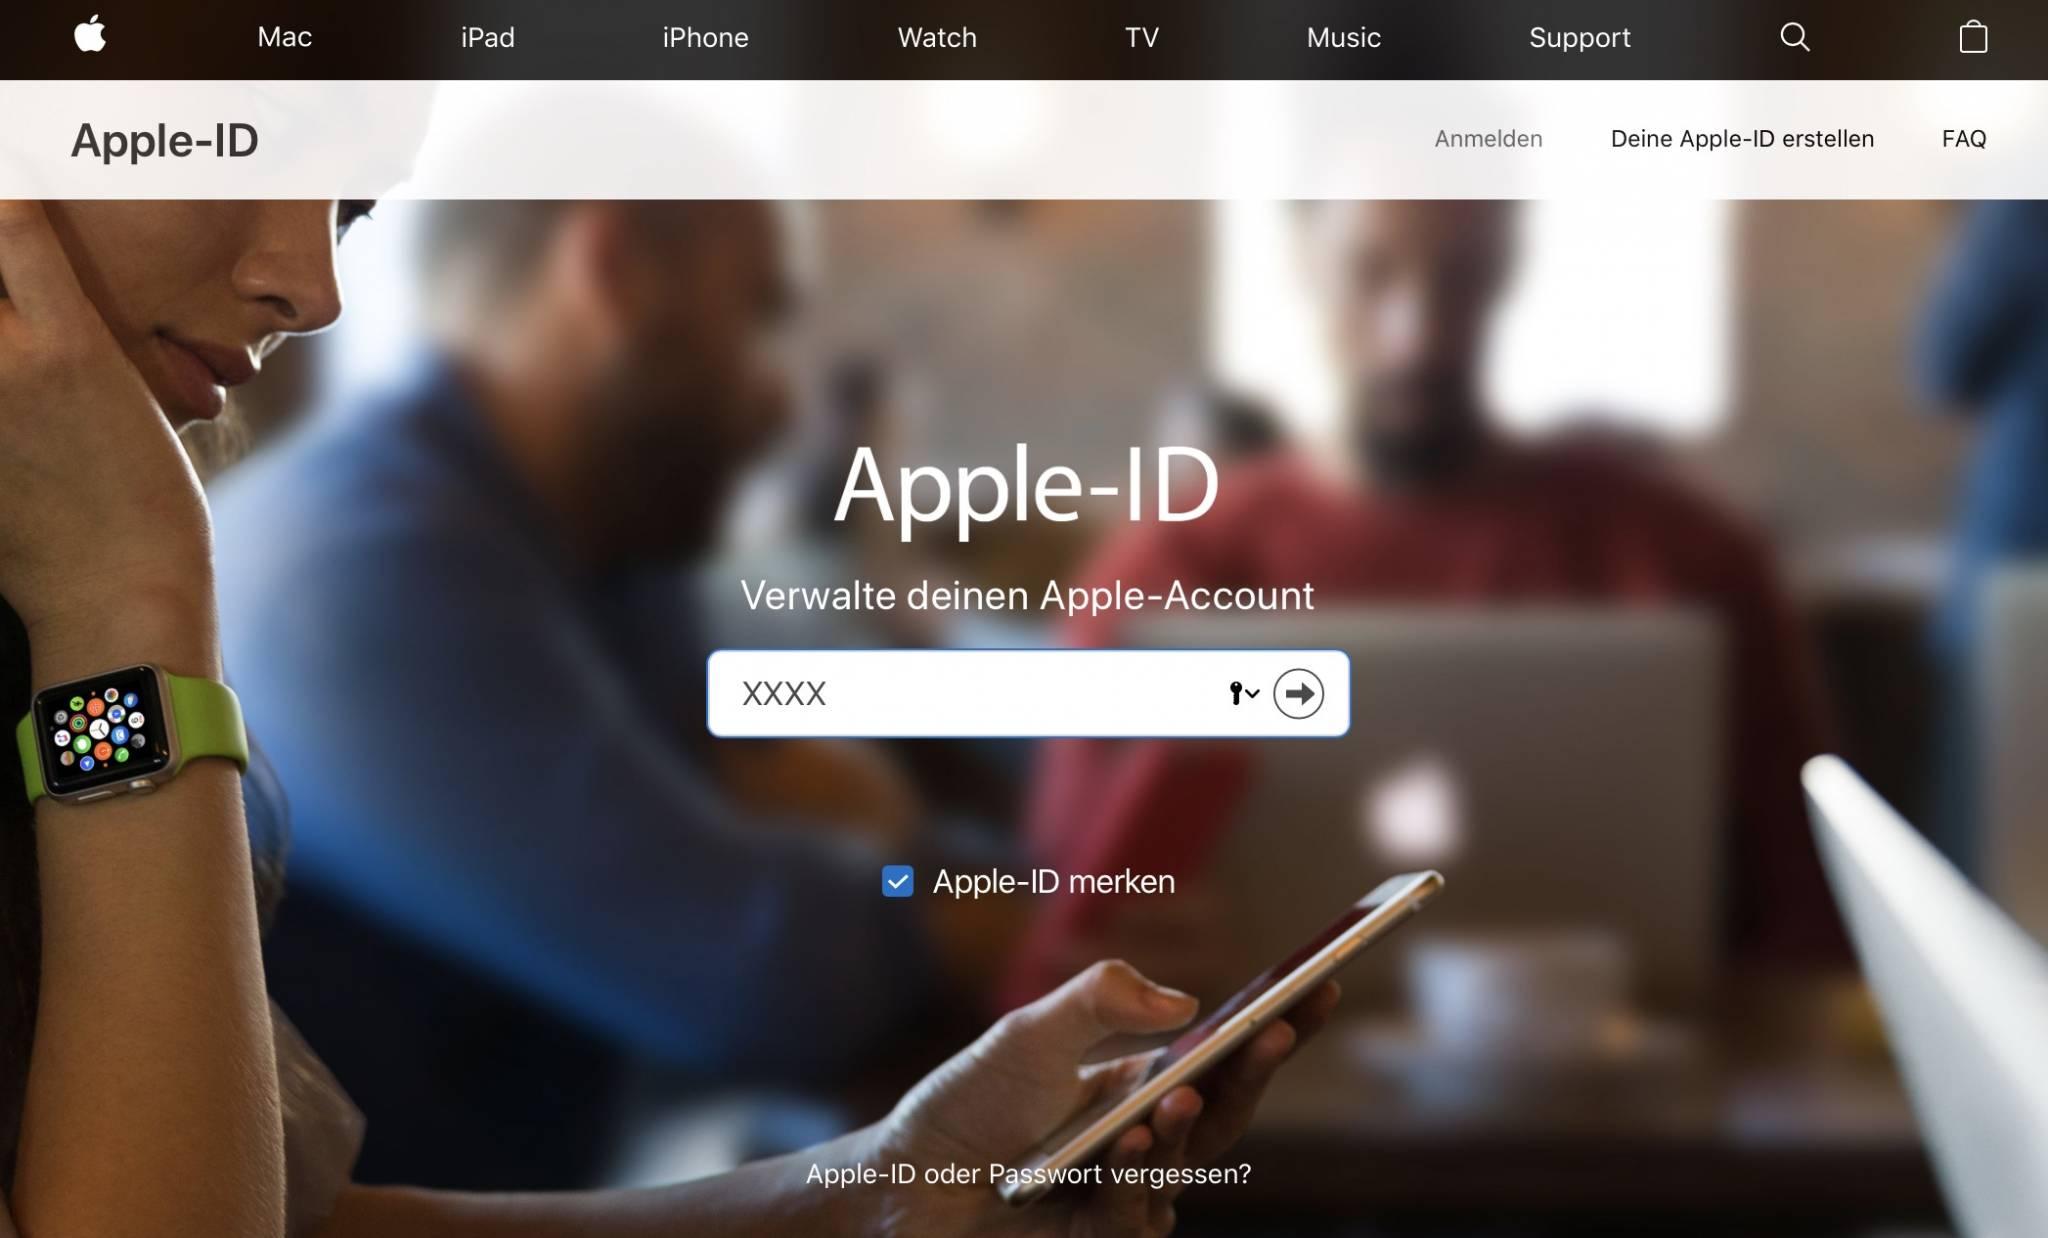 Am sichersten ist es, die Apple-ID über die Apple-ID-Verwaltung zu ändern.